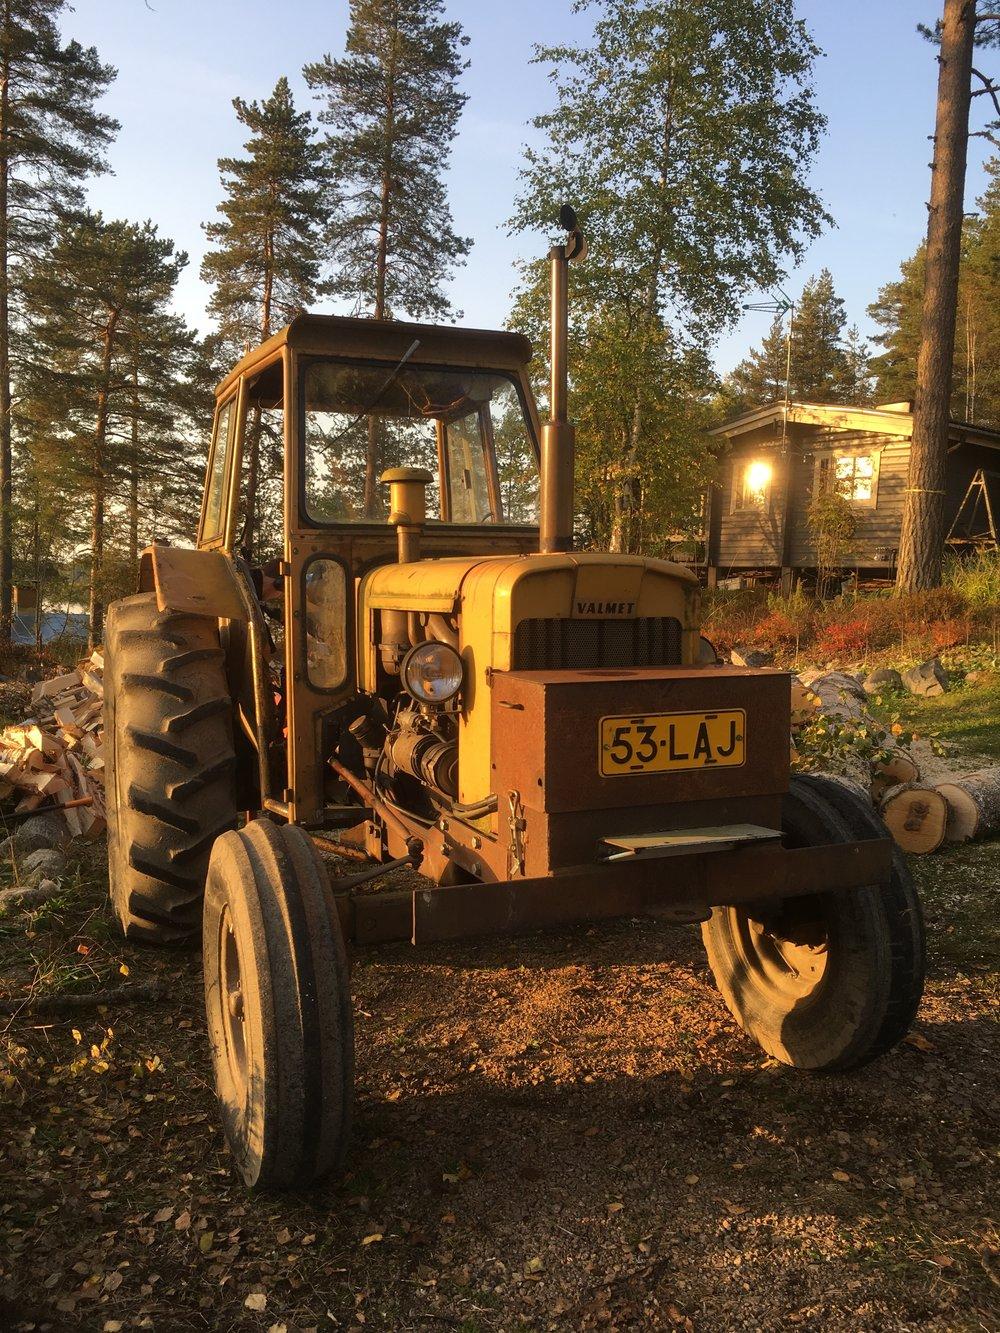 Tämän traktorin ansiosta saatiin valtava määrä klapeja! Tässä tapauksessa määrä korvasi laadun, tavaraa oli niin paljon että se piti saada pienemmäksi mahdollisimman nopeasti. Hydraulisella traktoriin kiinnittettävällä klapikoneella homma sujui kätevästi.